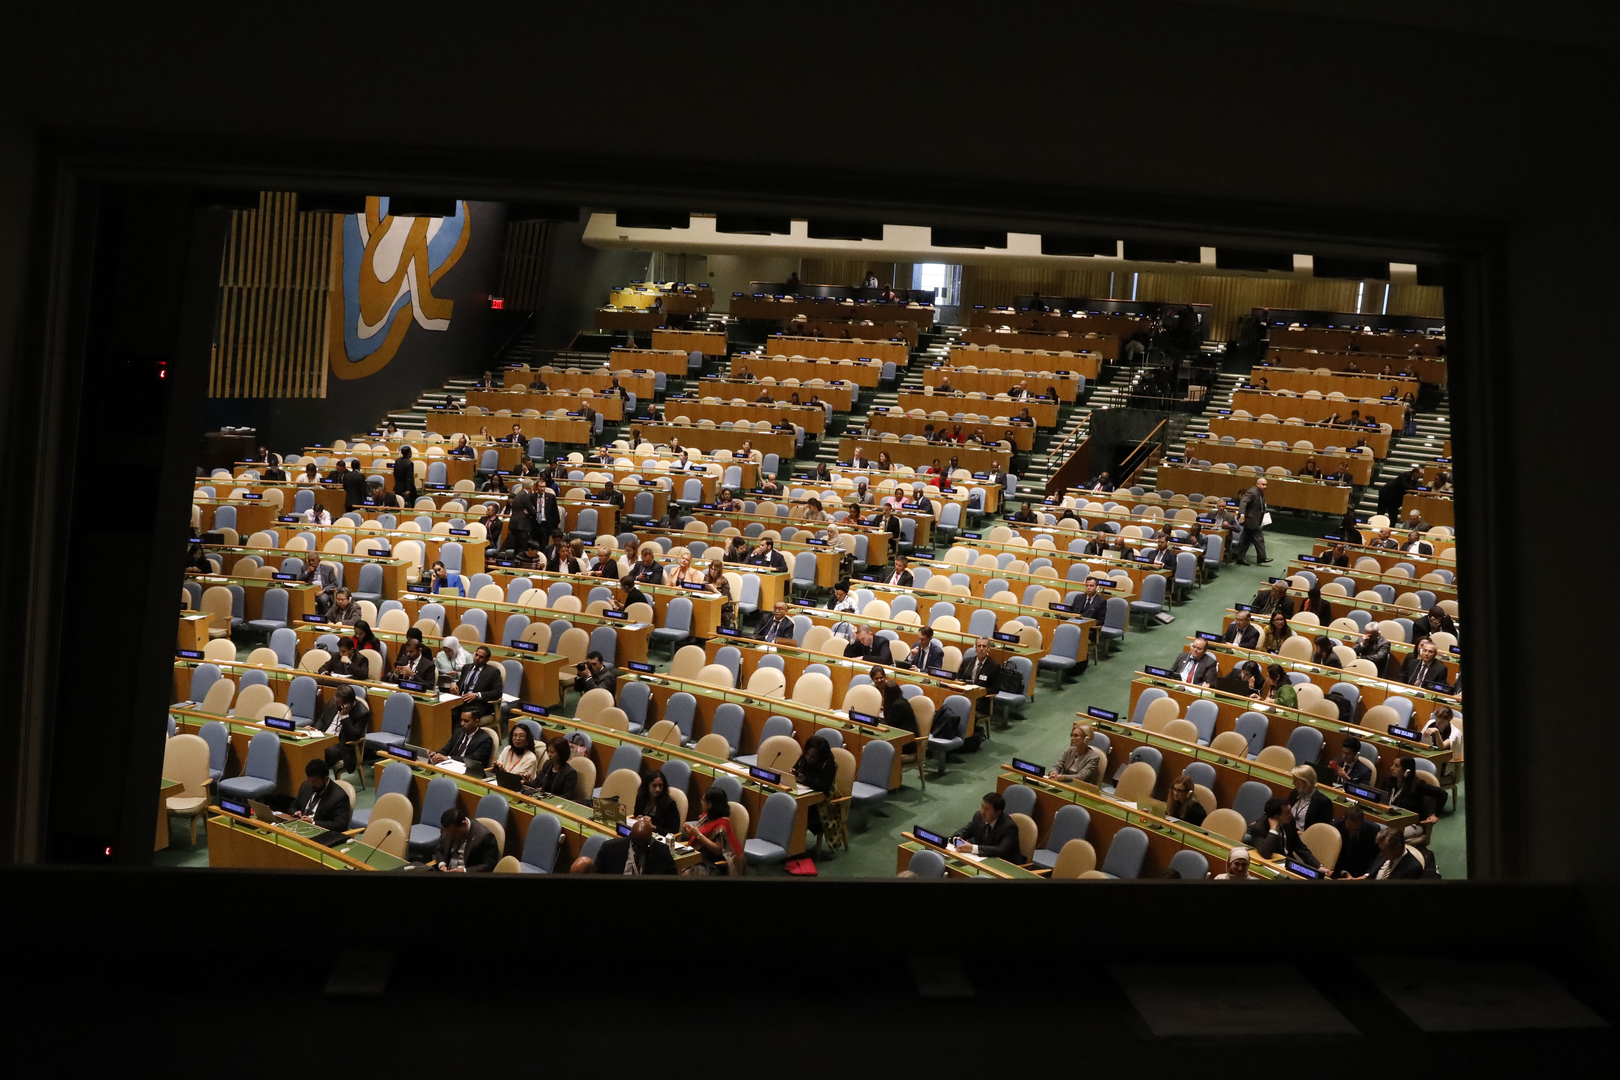 صالة للجمعية العامة للأمم المتحدة